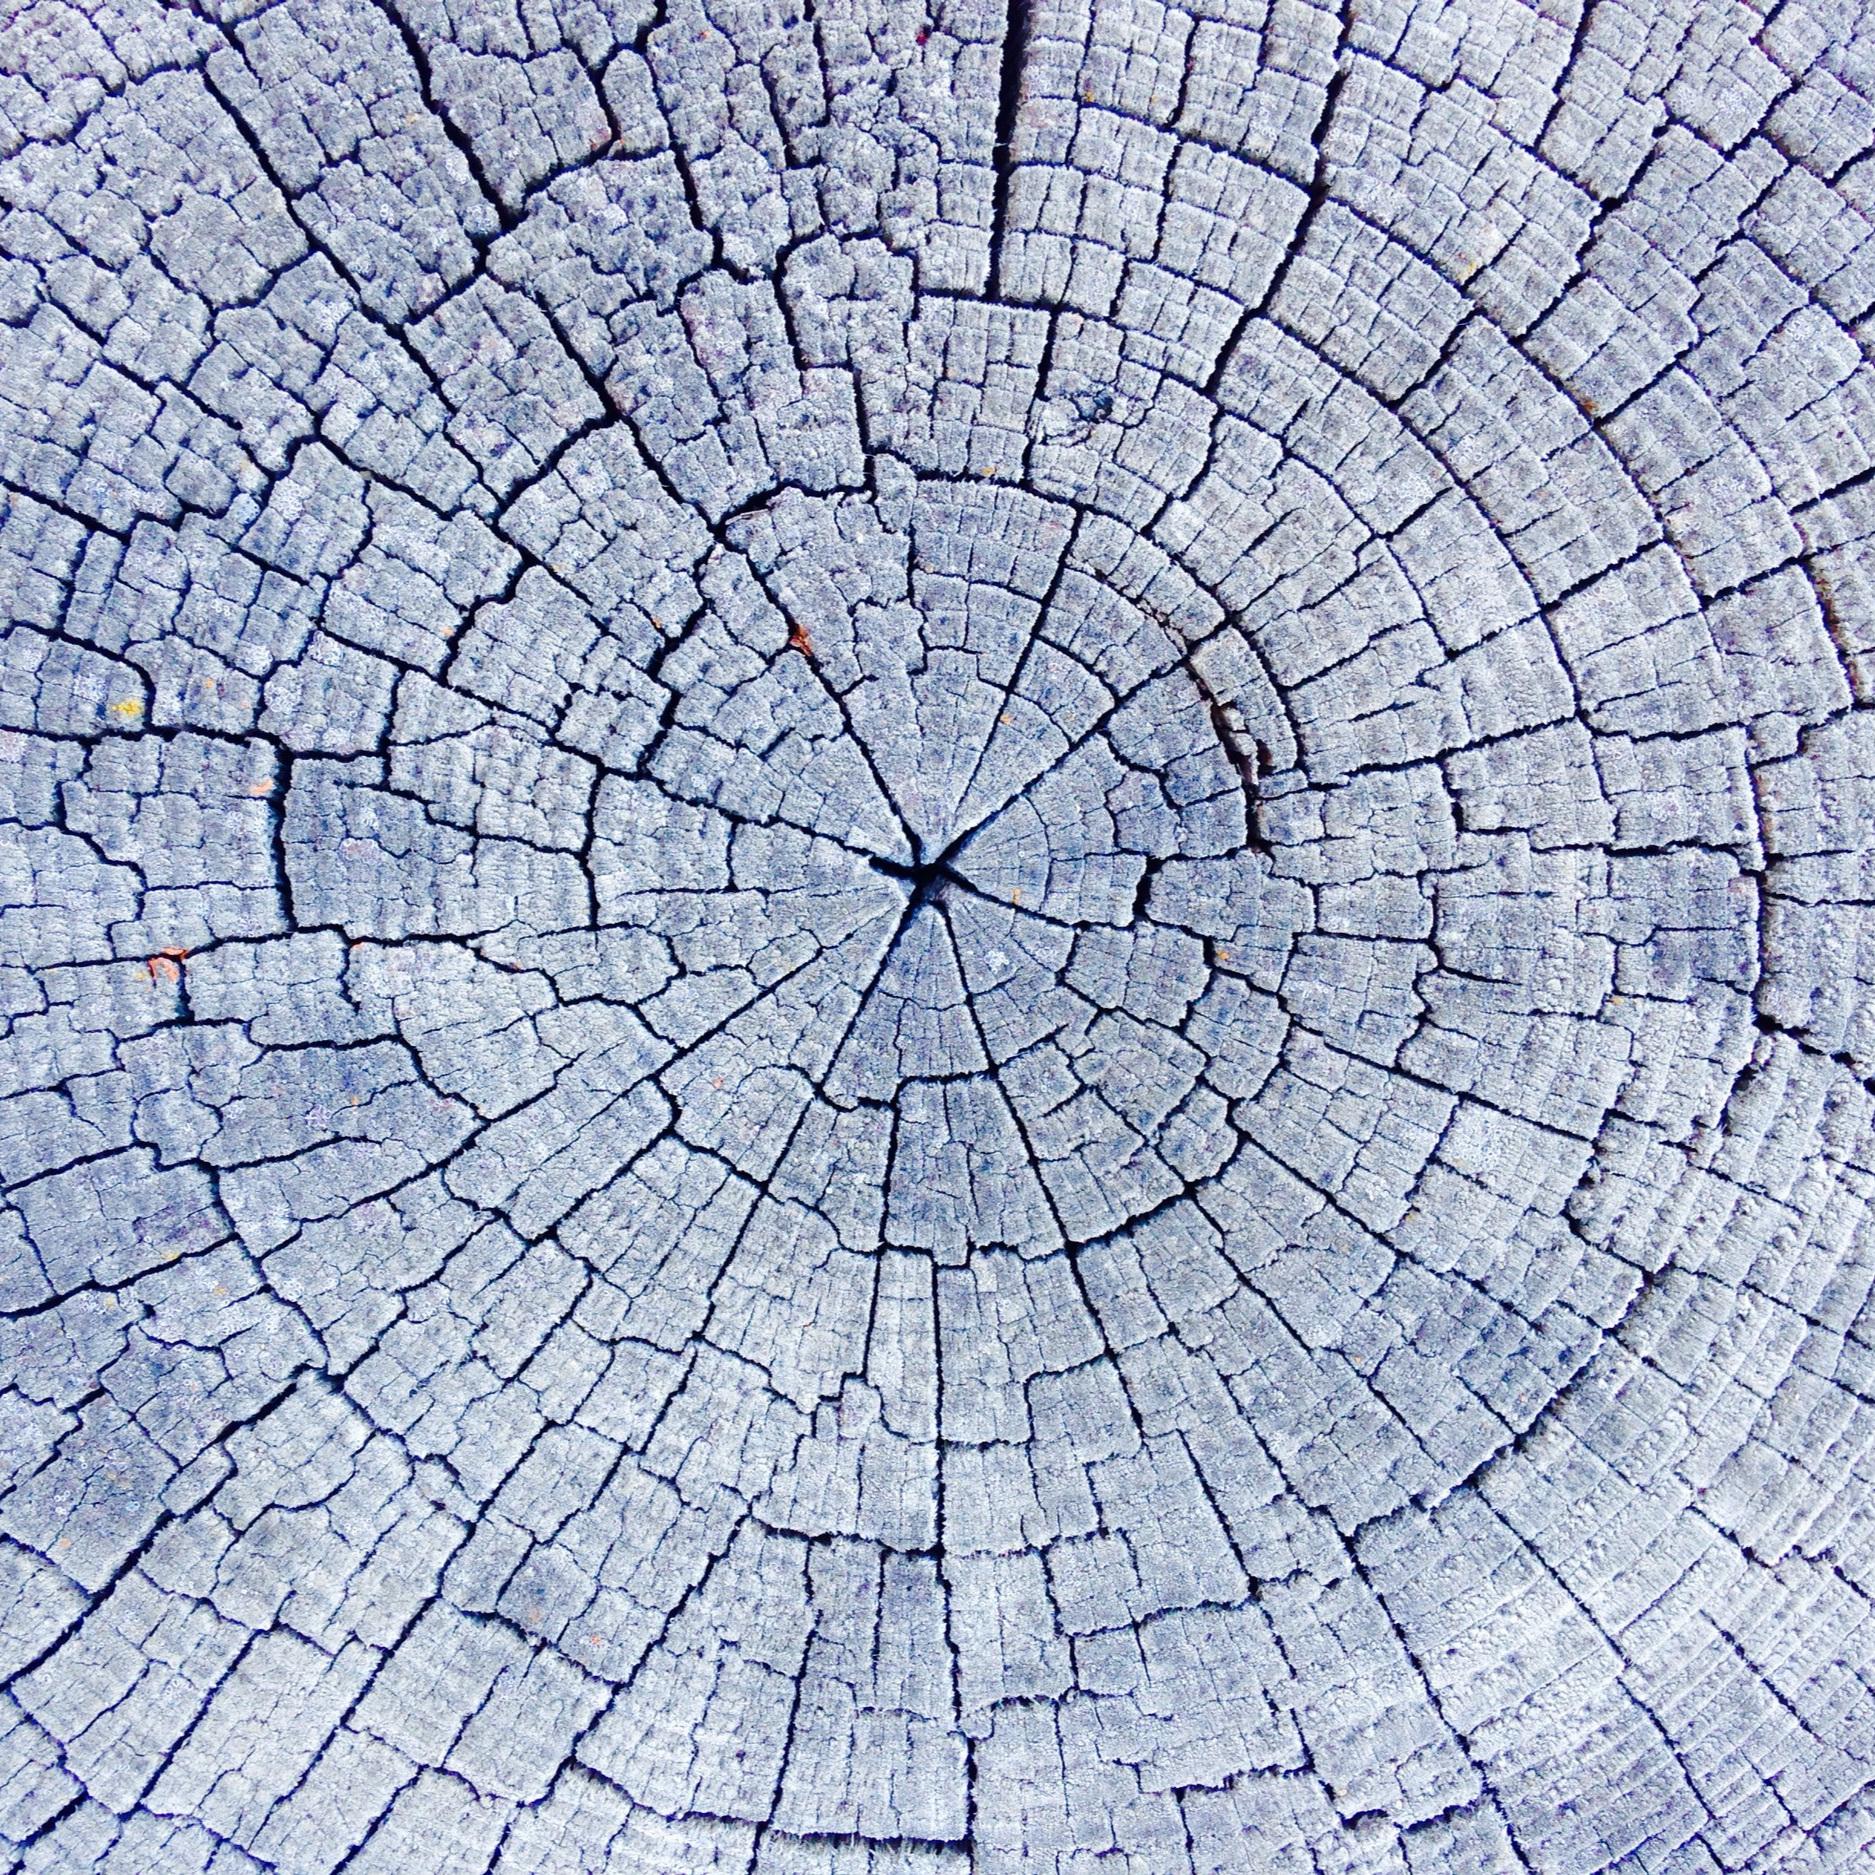 TreeSlice2.jpg